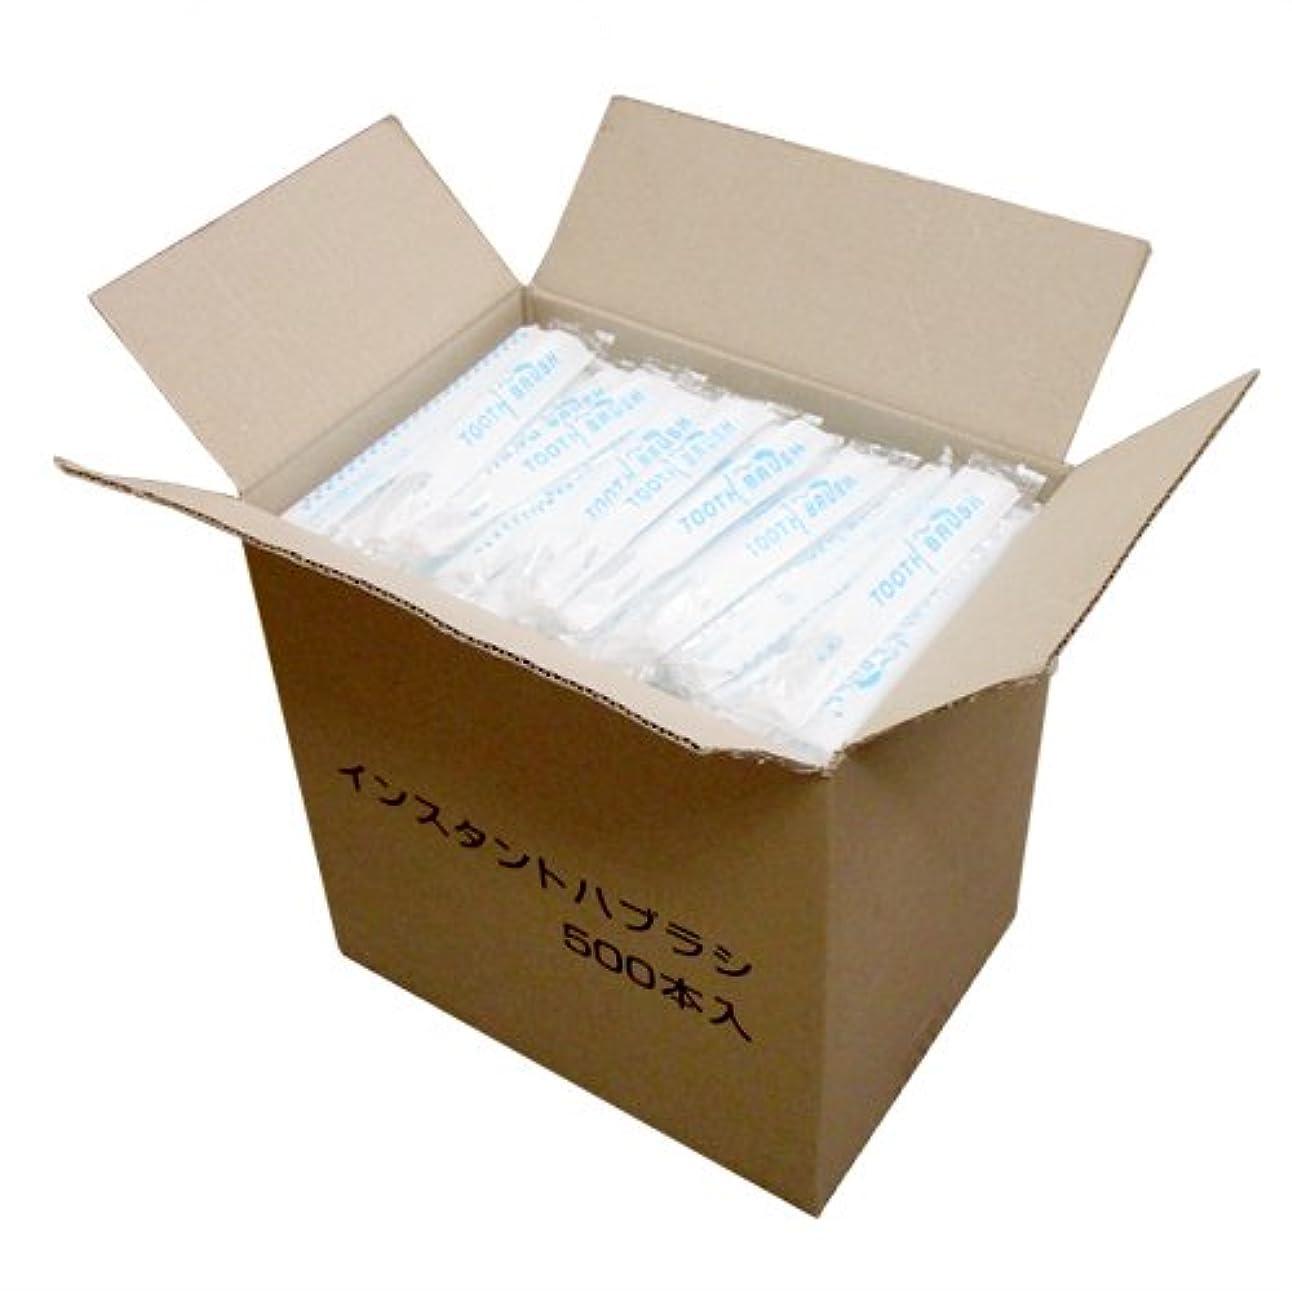 援助するプランター目に見える業務用 日本製 使い捨て粉付き歯ブラシ 個包装タイプ 500本入×8箱 (4000本入)│ホテルアメニティ